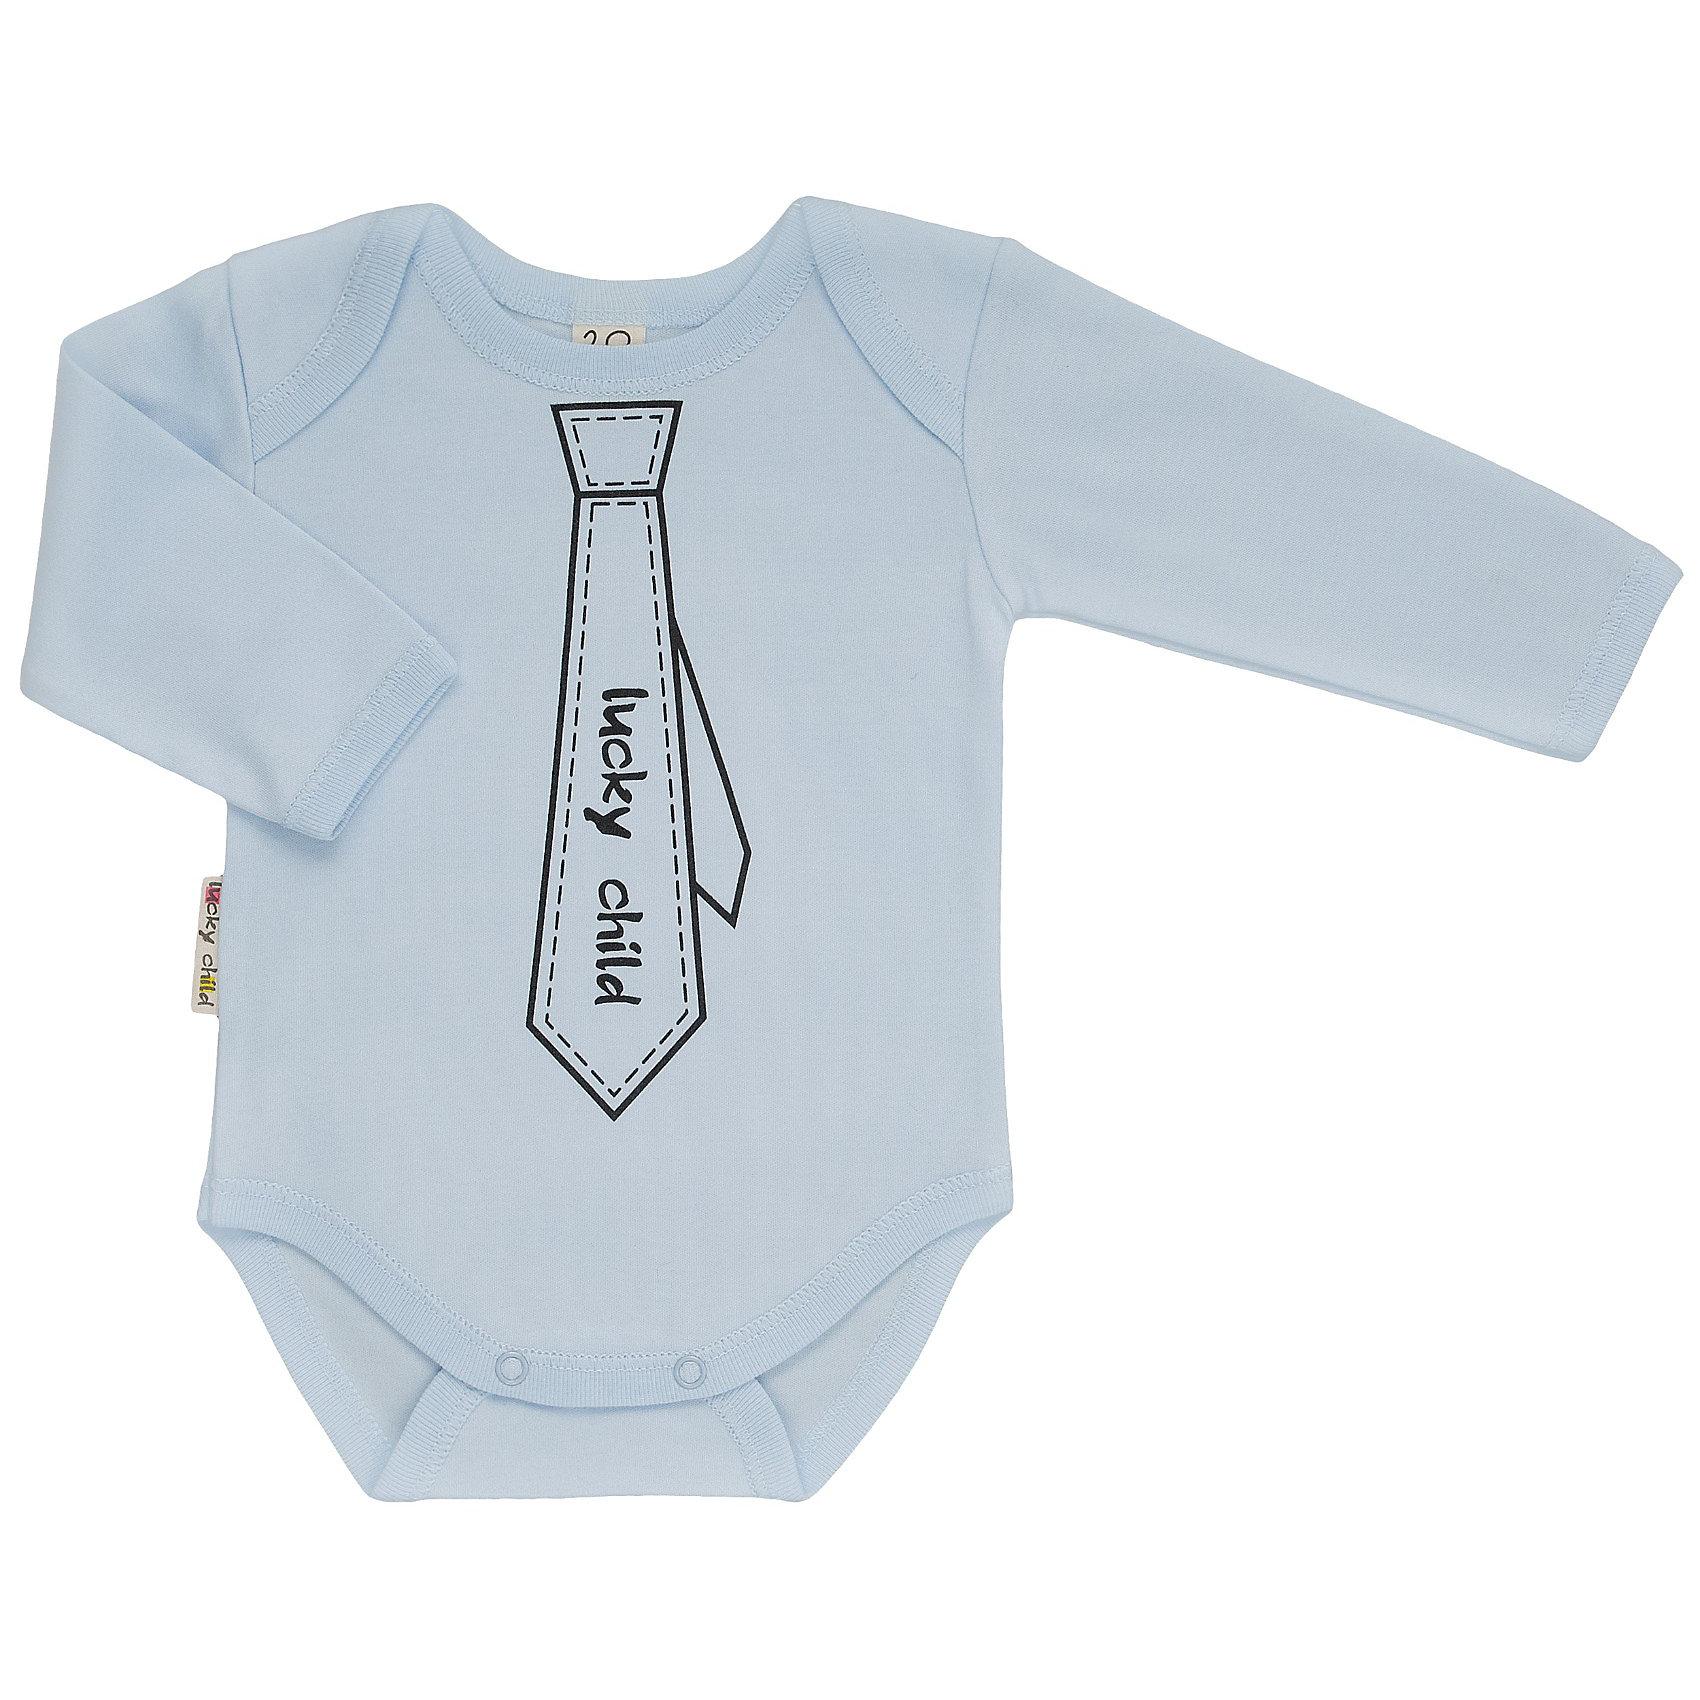 Lucky Child Боди для мальчикаСтильное боди с длинным рукавом для юного джентльмена. Комфортная горловина с запахом. Застегивается на кнопки между ног. Приятный к телу натуральный гипоаллергенный материал (100% хлопок).<br><br>Ширина мм: 157<br>Глубина мм: 13<br>Высота мм: 119<br>Вес г: 200<br>Цвет: голубой<br>Возраст от месяцев: 12<br>Возраст до месяцев: 18<br>Пол: Мужской<br>Возраст: Детский<br>Размер: 80/86,74/80,56/62,62/68,68/74<br>SKU: 2635121